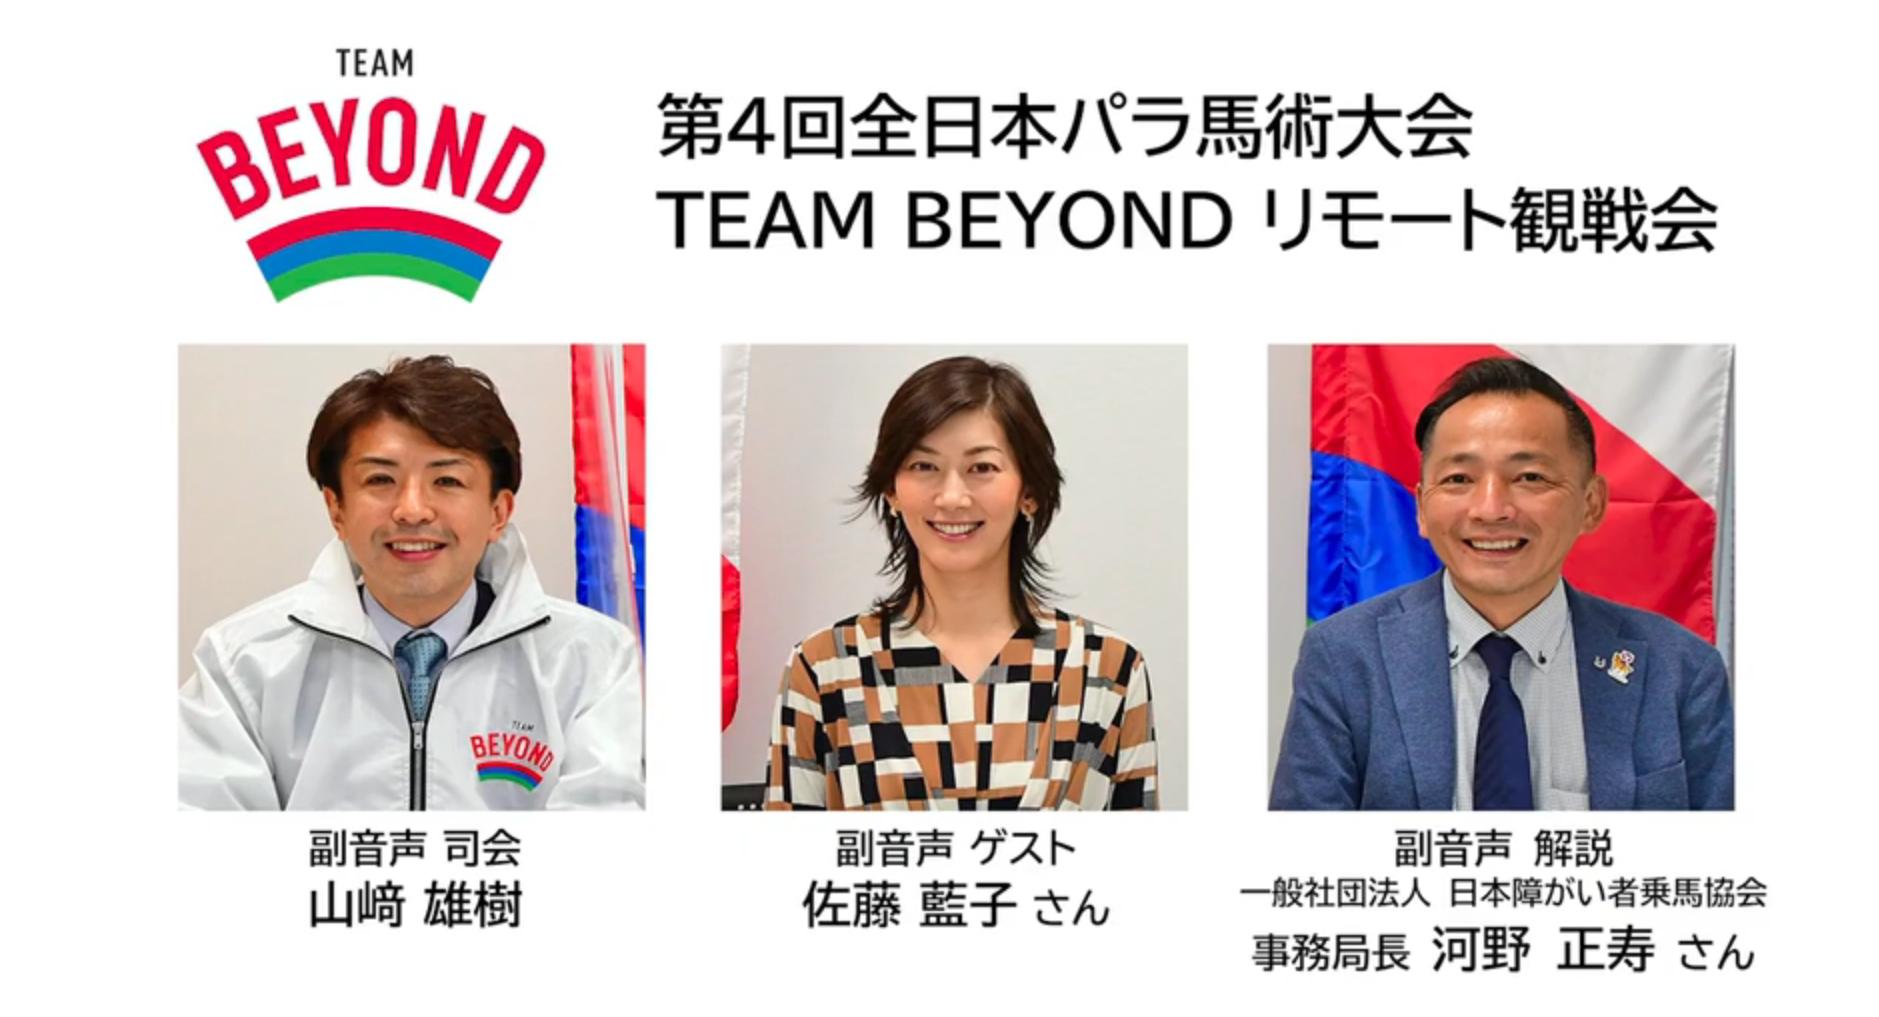 「第4回全日本パラ馬術大会」TEAM BEYONDリモート観戦会【交流会】